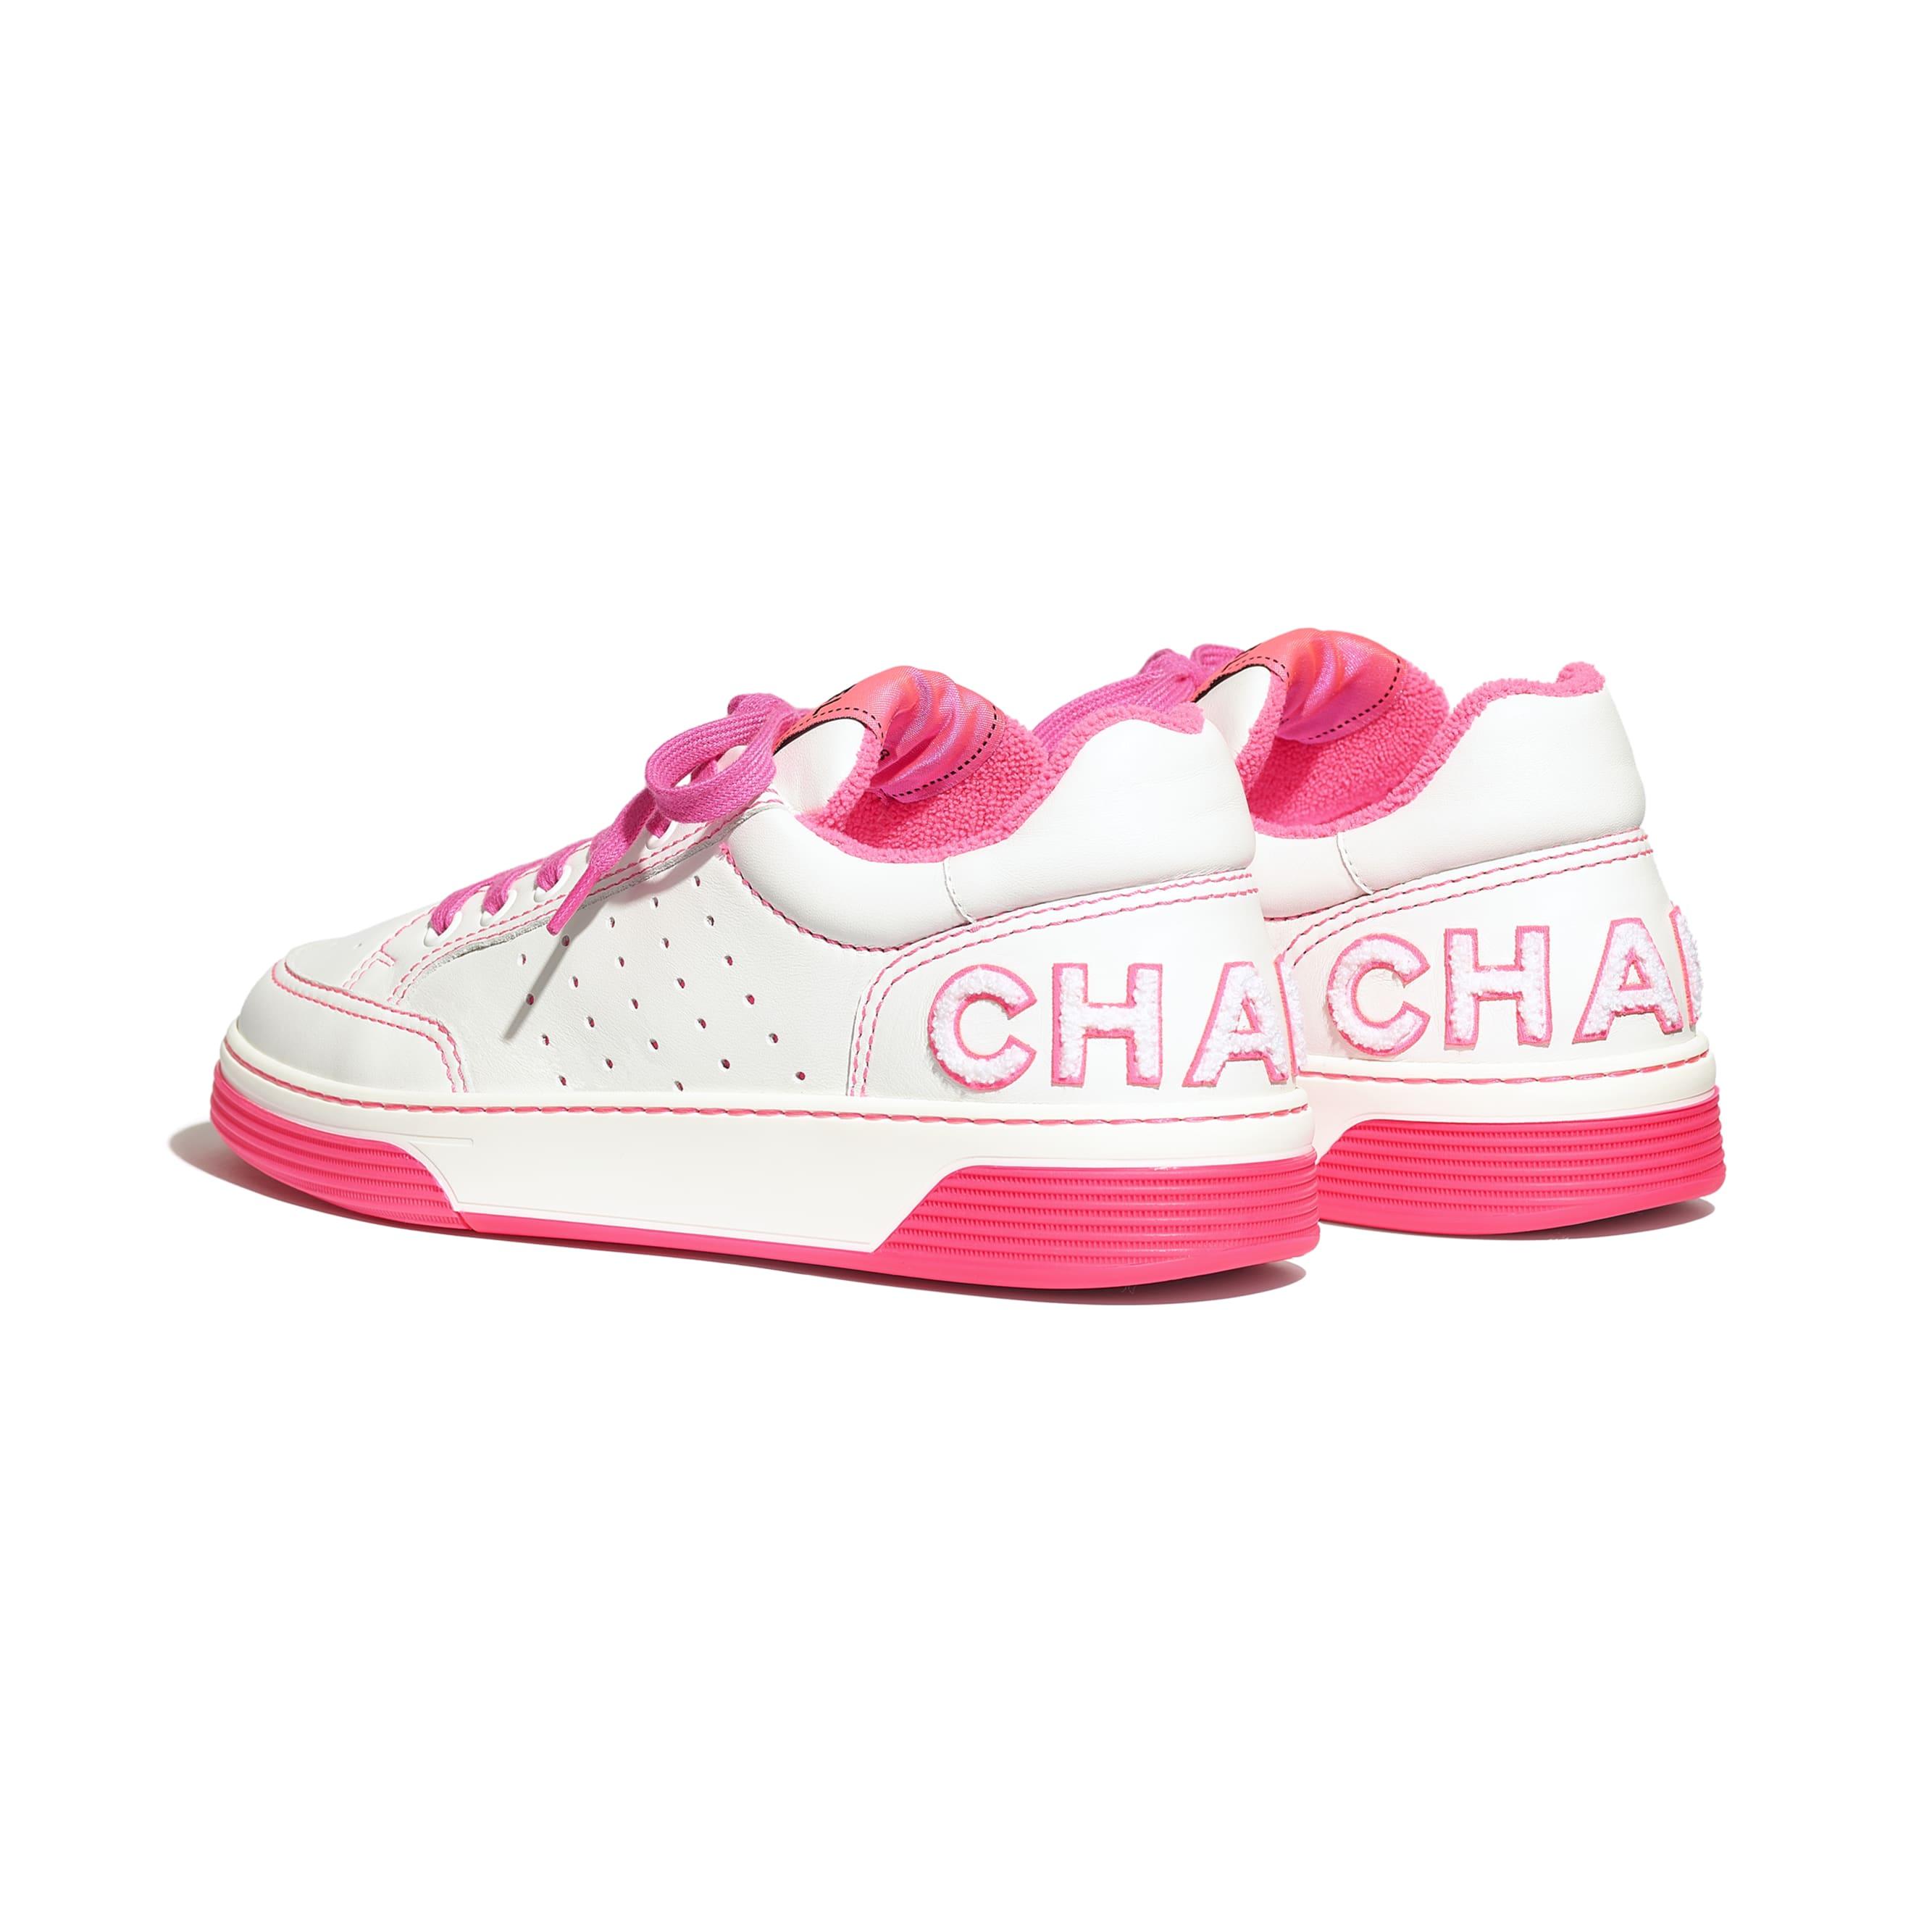 Buty sportowe - Kolor biały i fuksja - Skóra cielęca - Inny widok – zobacz w standardowym rozmiarze